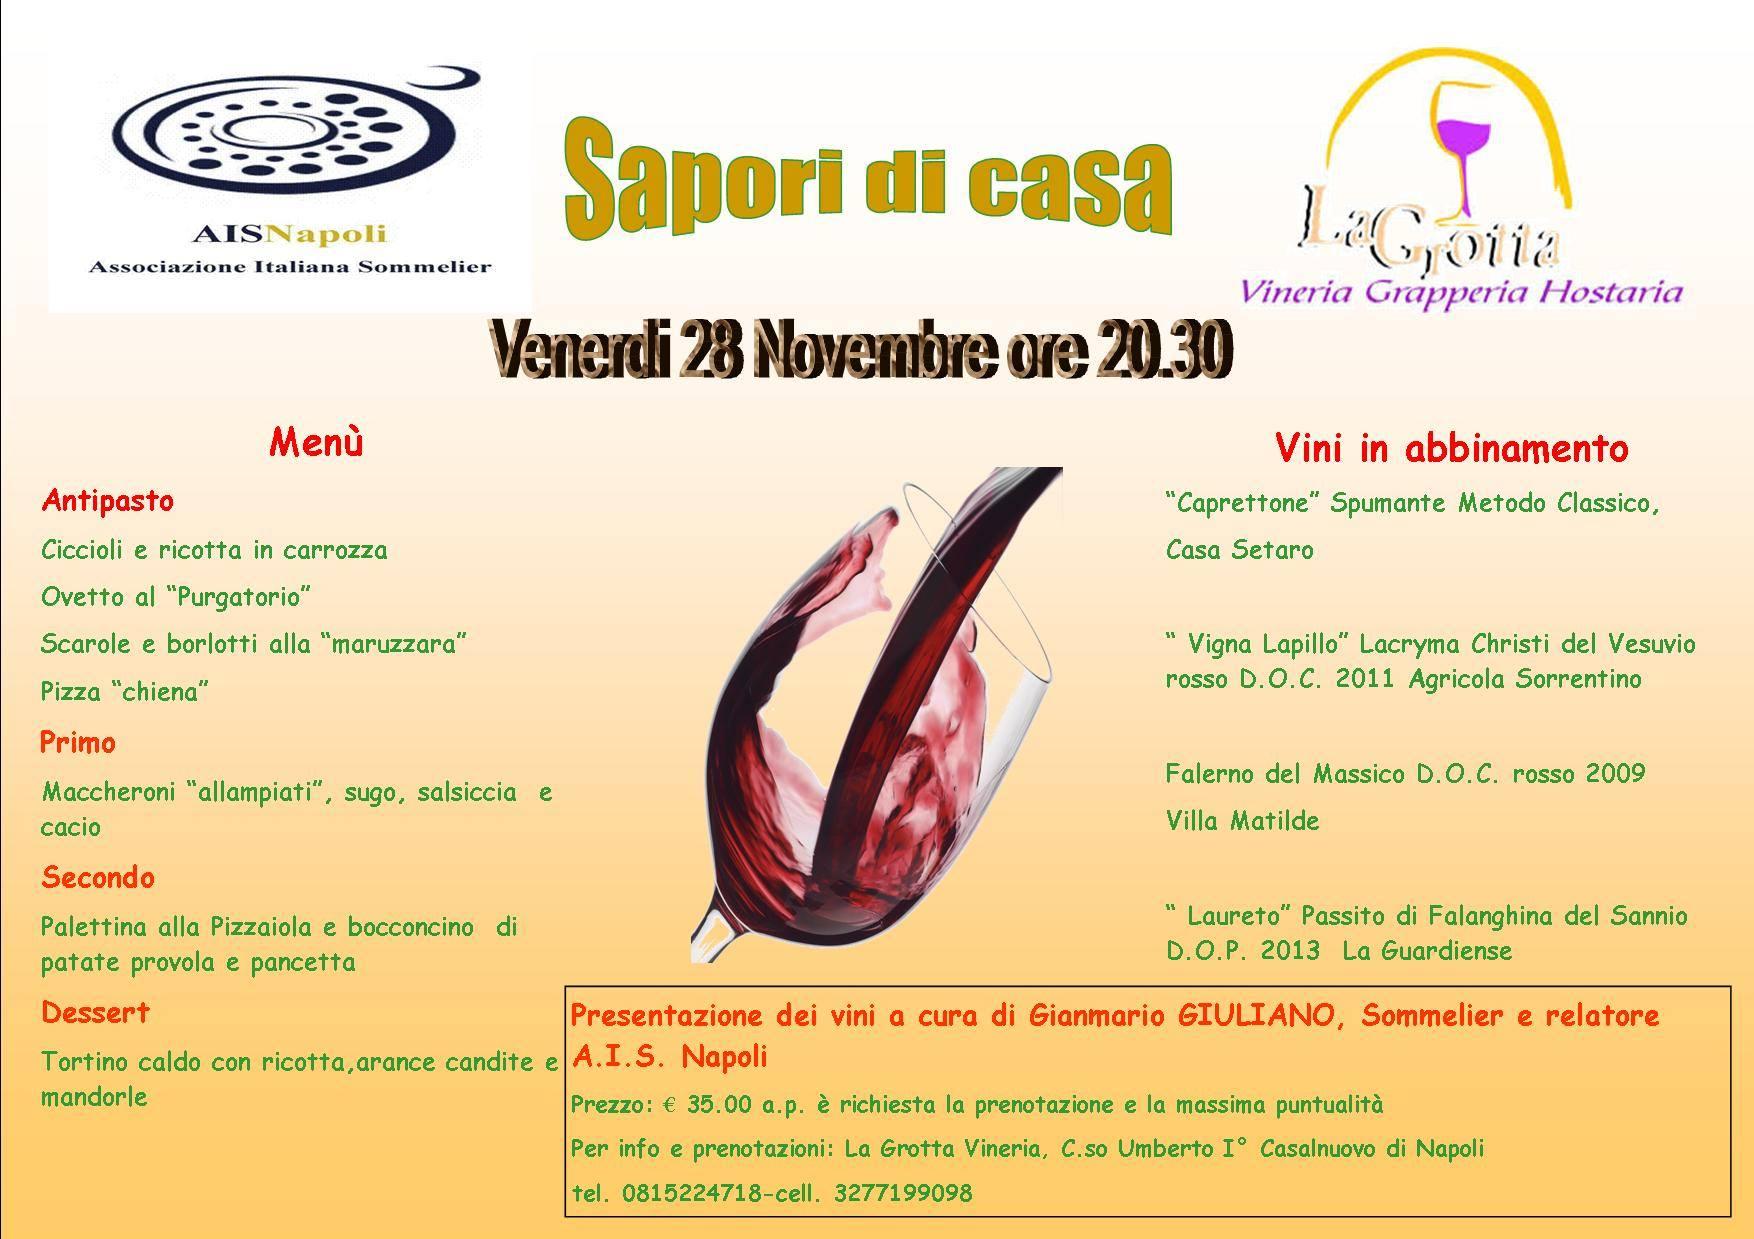 28 Novembre, Sapori di casa a La Grotta Vineria con Ais Napoli